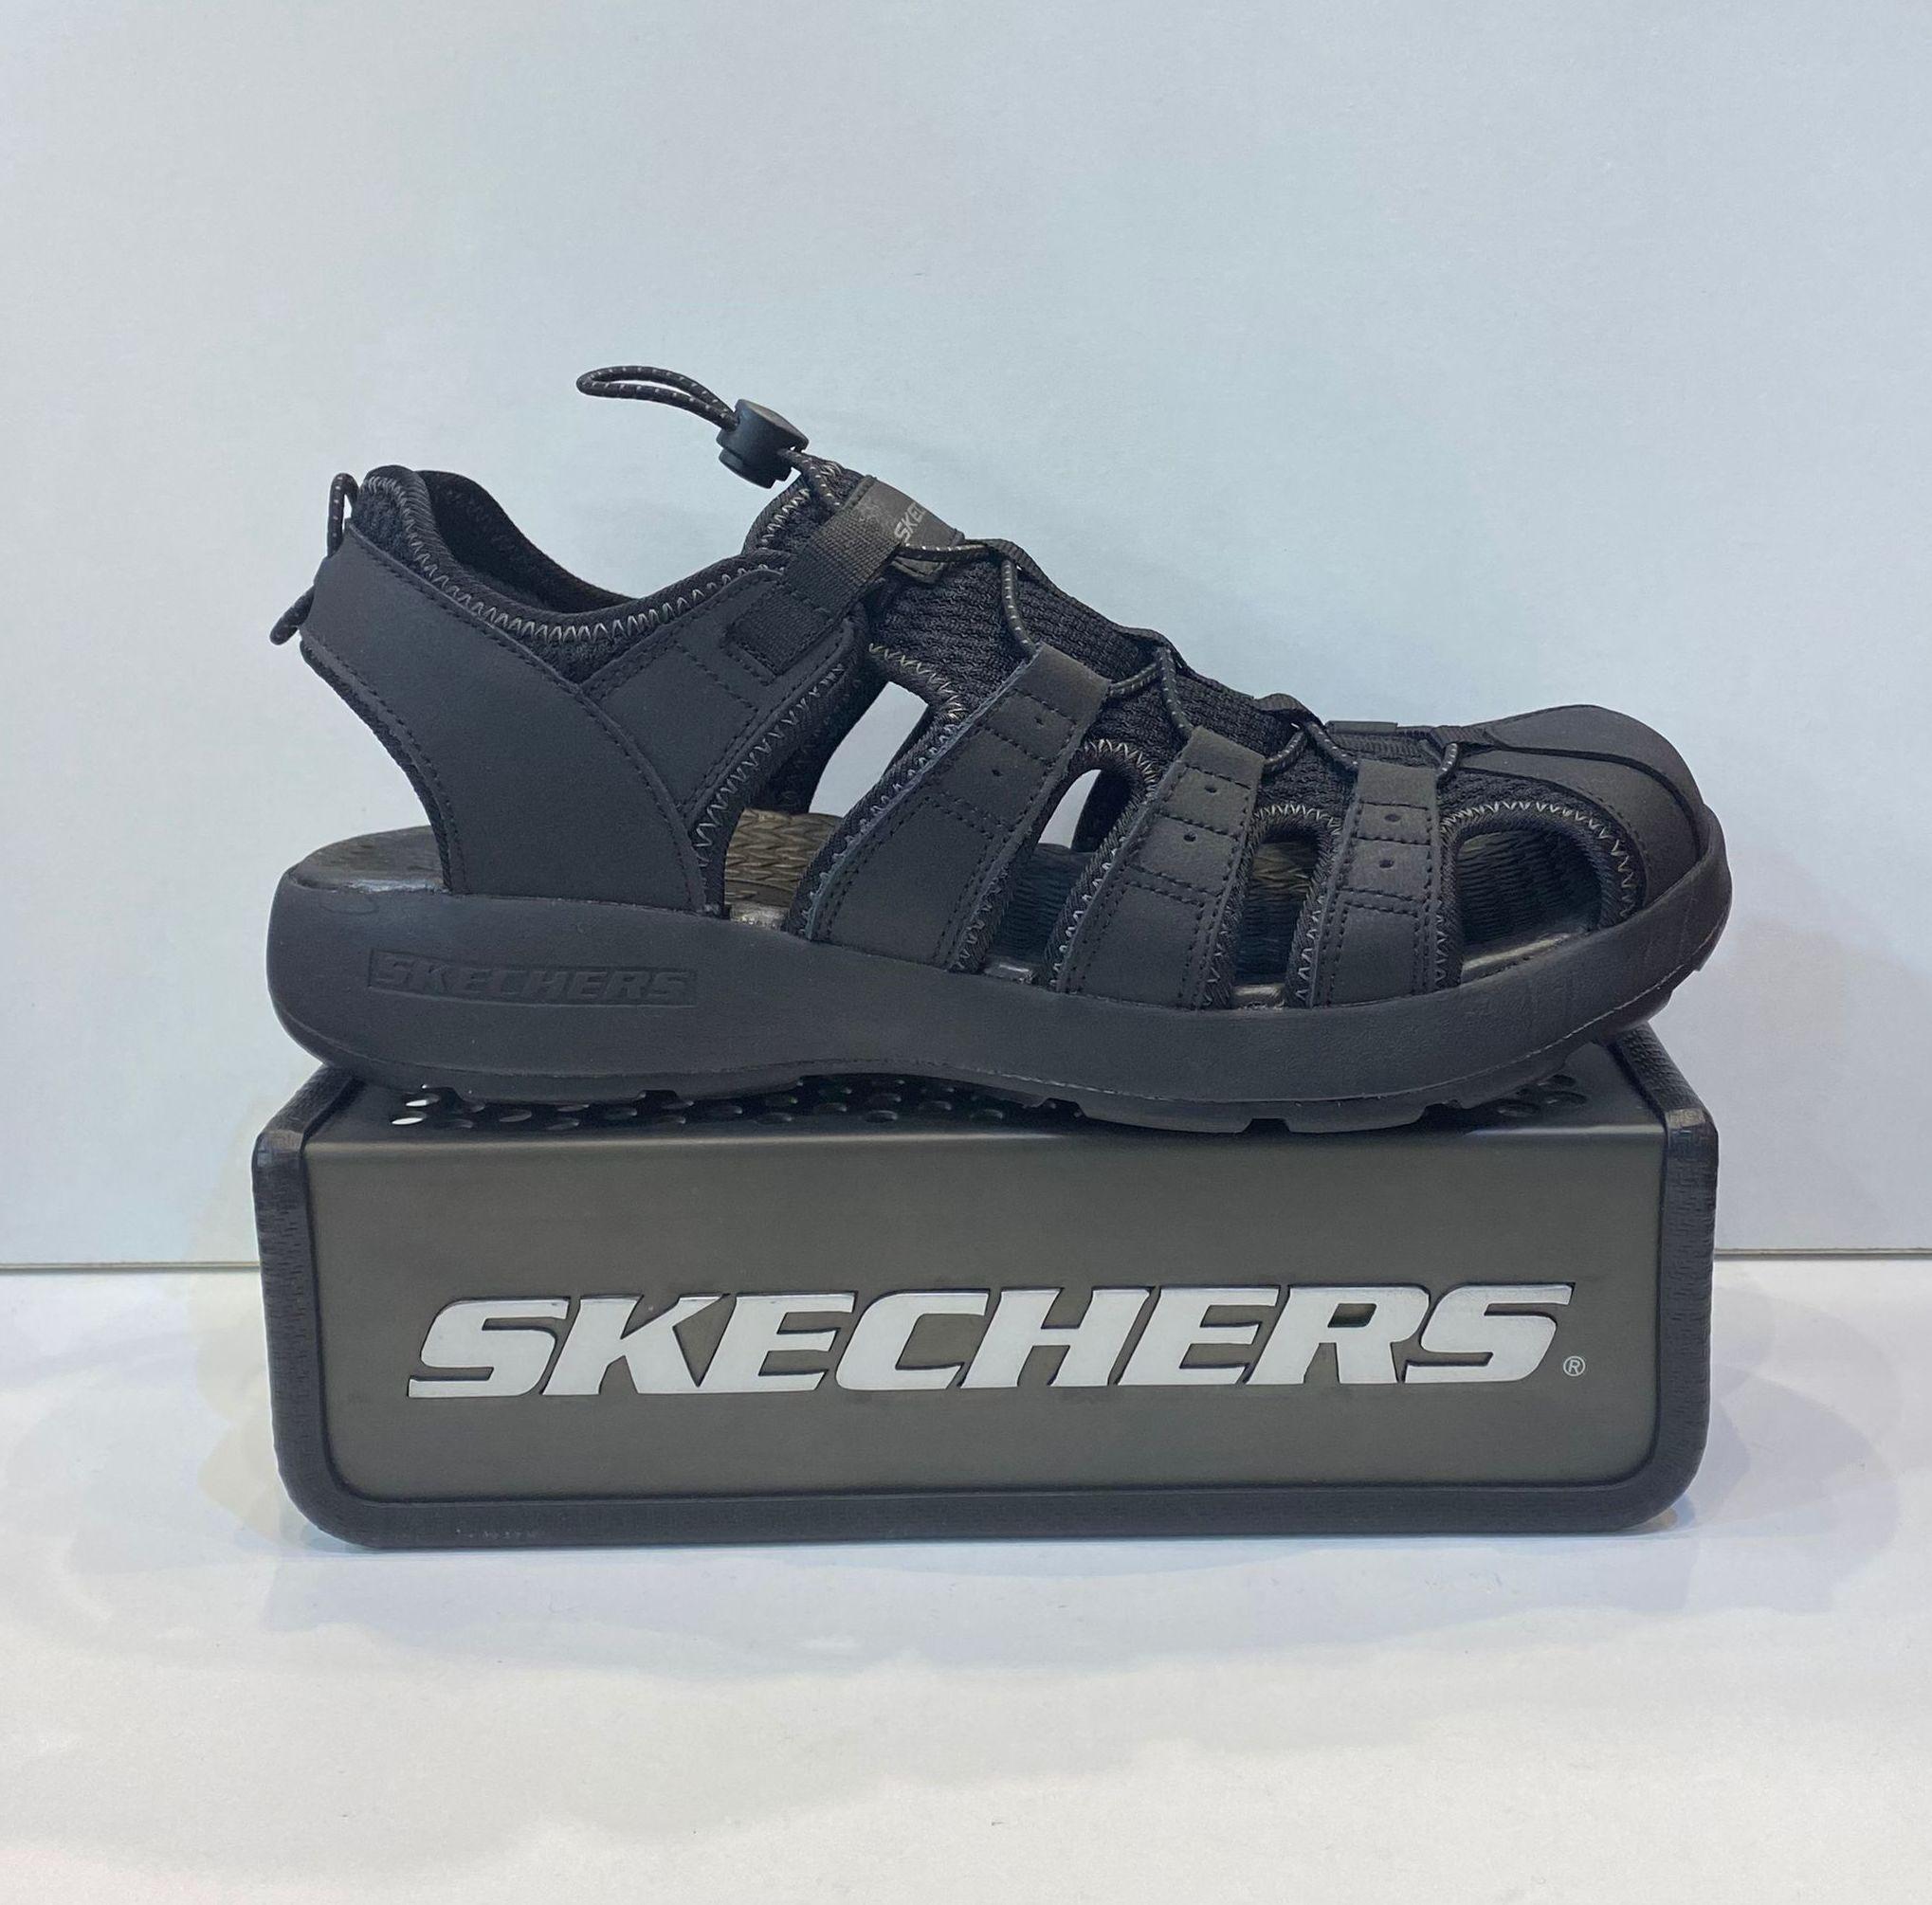 Sandàlia elàstica d'home, de la marca Skechers, ample especial, plantilla de resalite, i sola combinada de resalite i goma antilliscant 59.95€ www.calzadosllinas.es